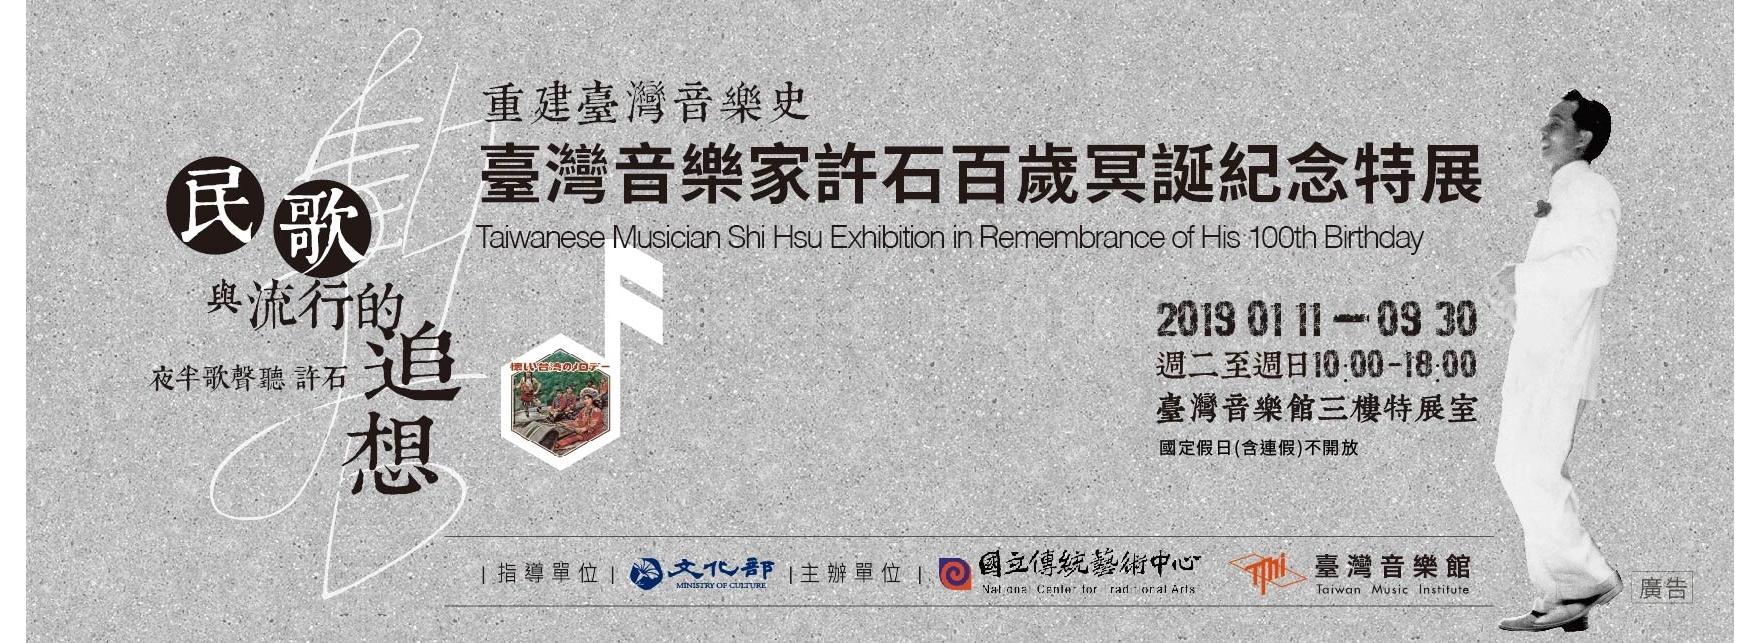 臺灣音樂館展覽─「民歌與流行的追想─夜半歌聲聽許石」展覽與系列活動[另開新視窗]